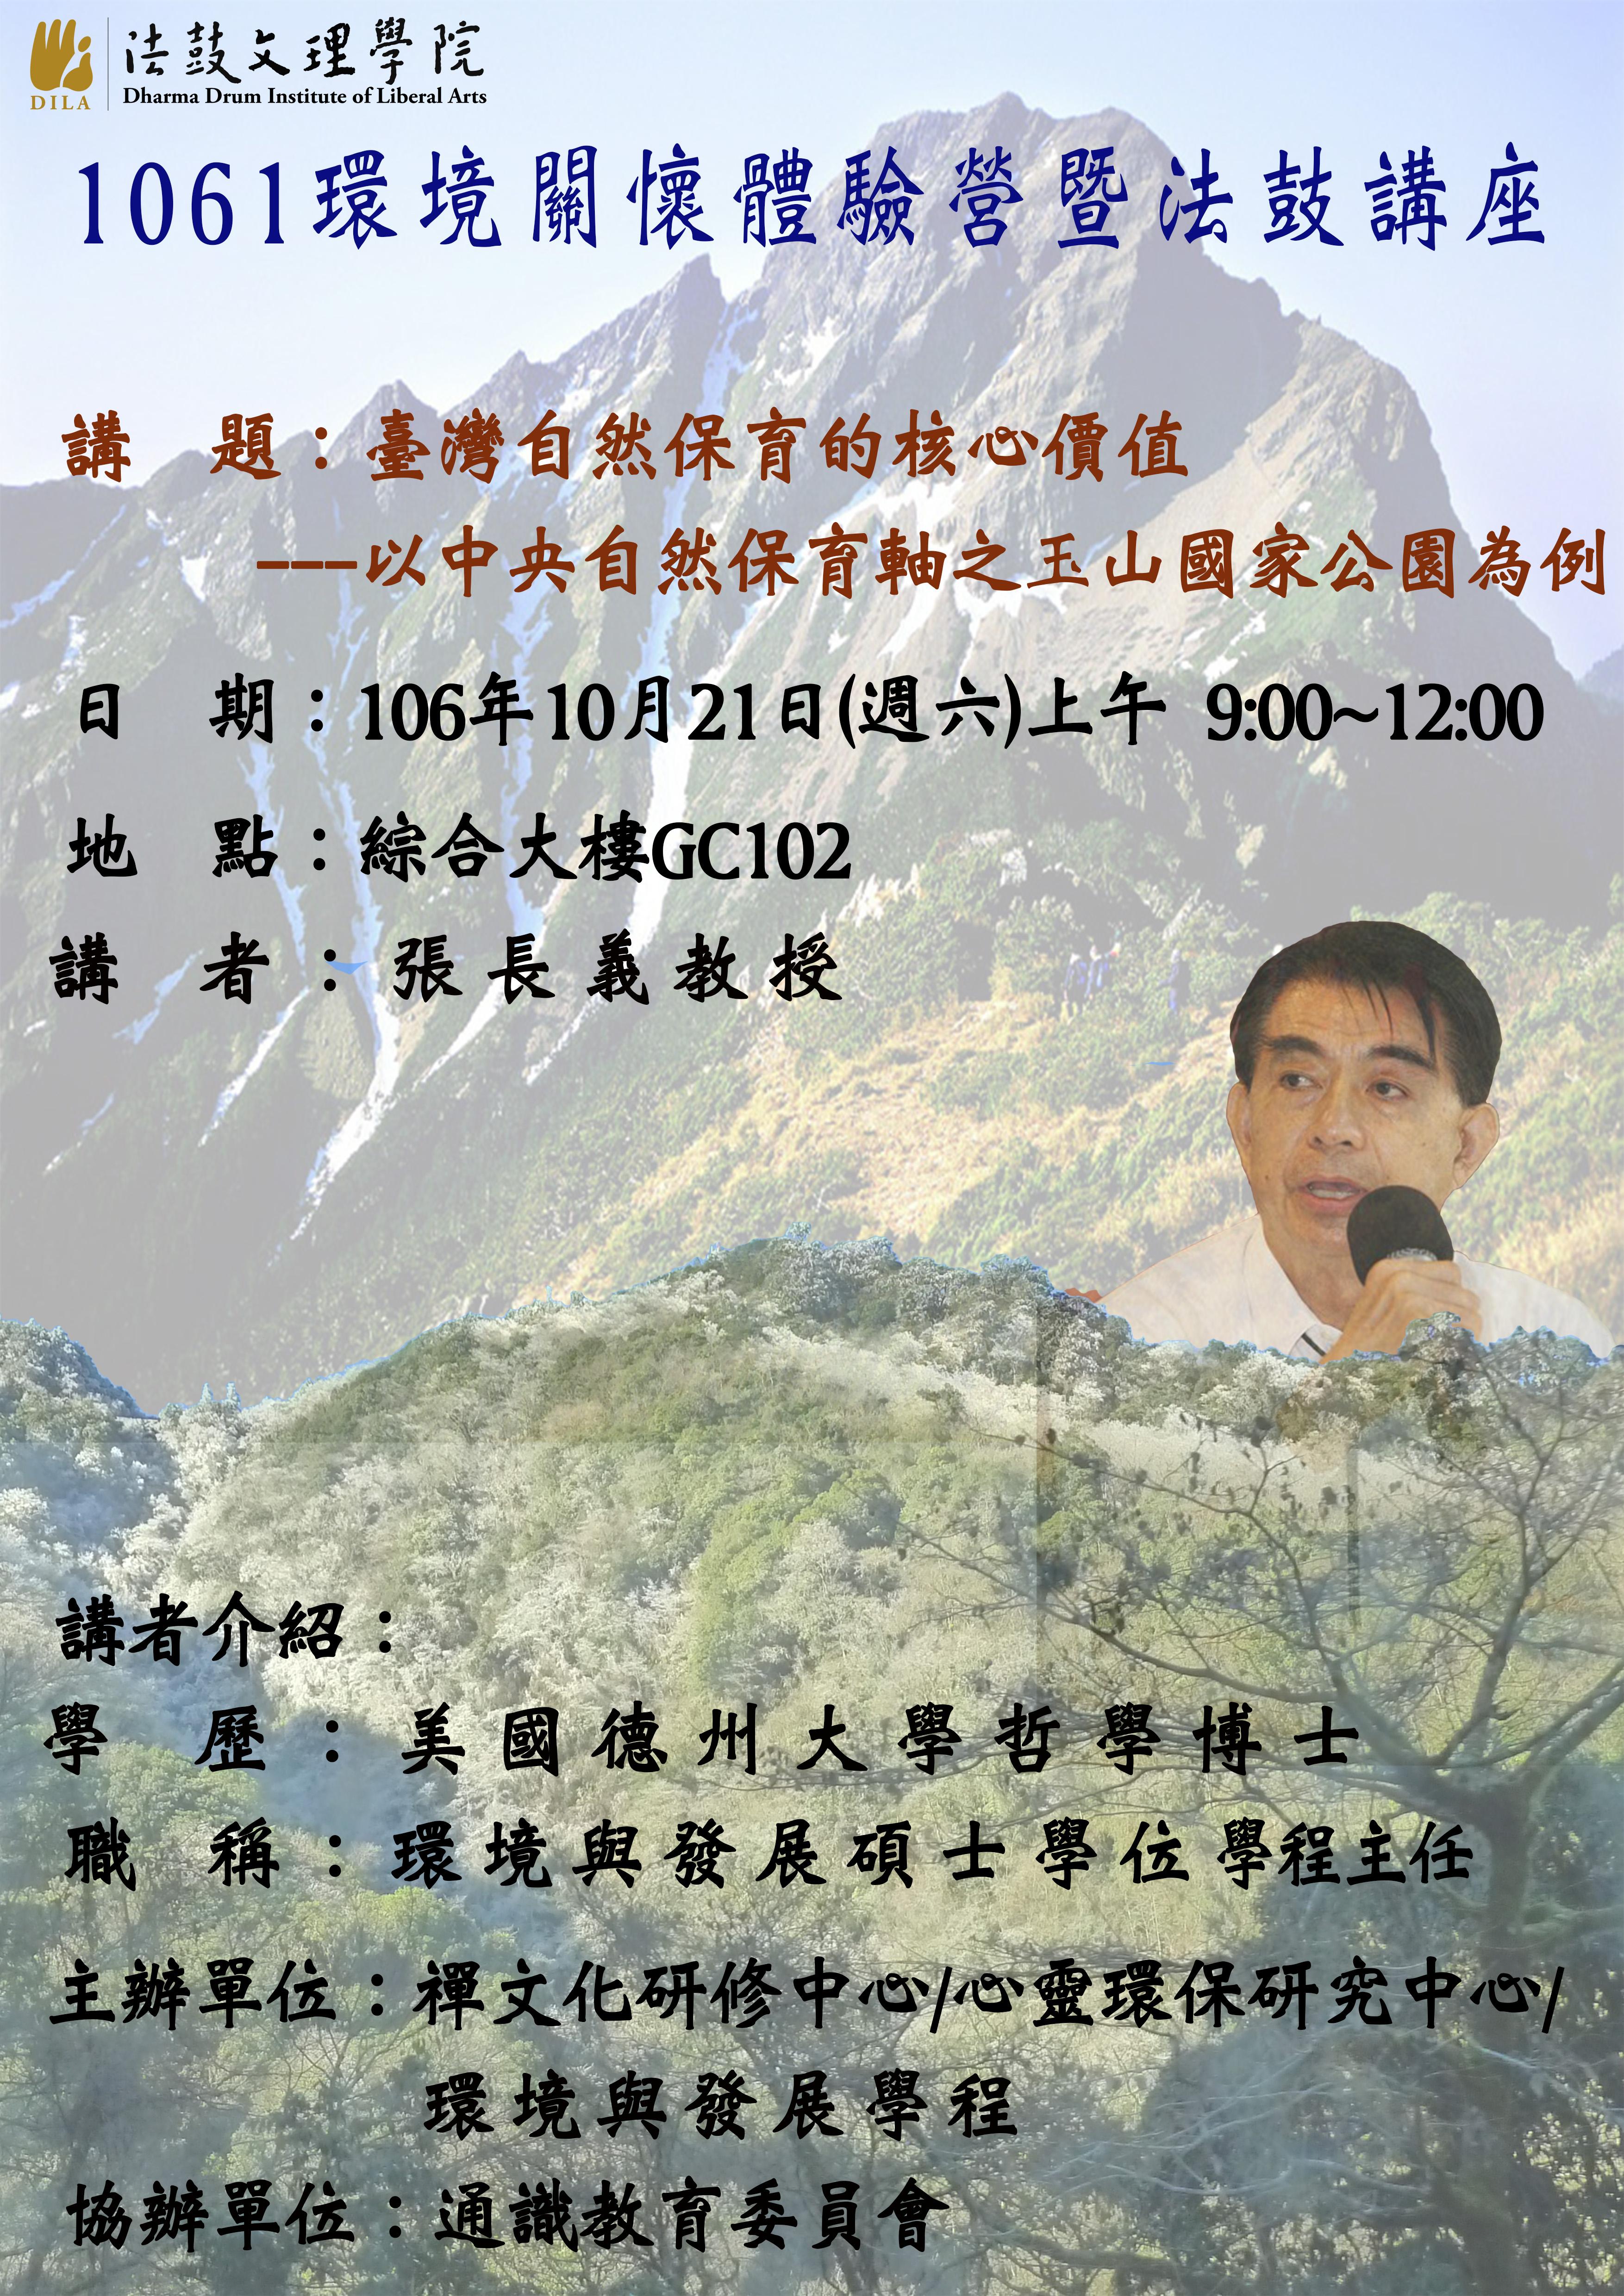 106(1)-1  1061台灣自然保育的核心價值(張長義)海報(106.10.21)